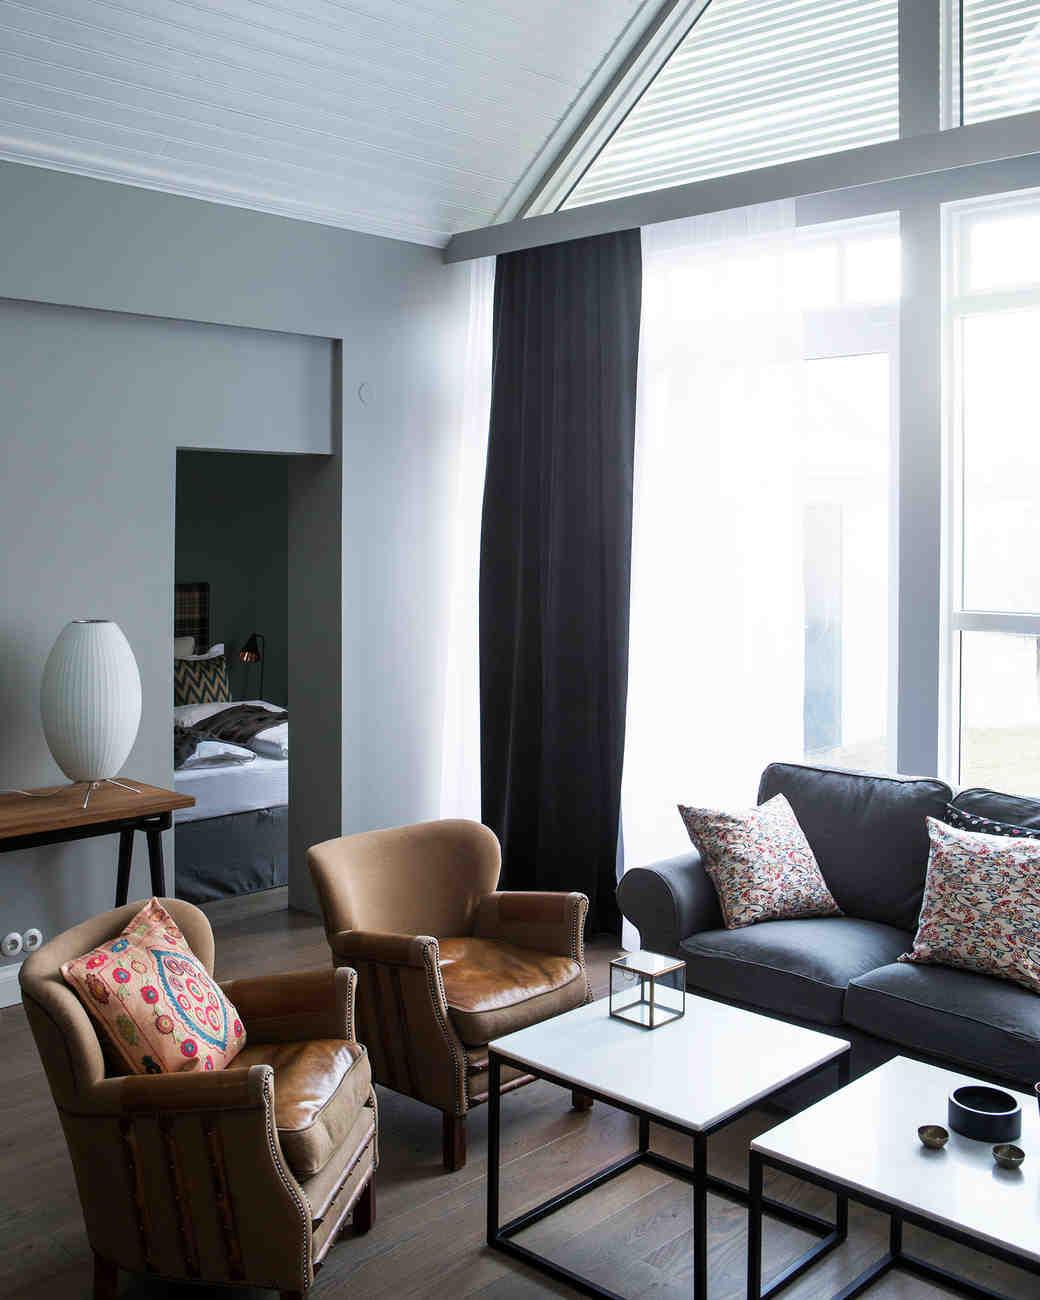 villa-rentals-iceland-welcome-beyond-0316.jpg